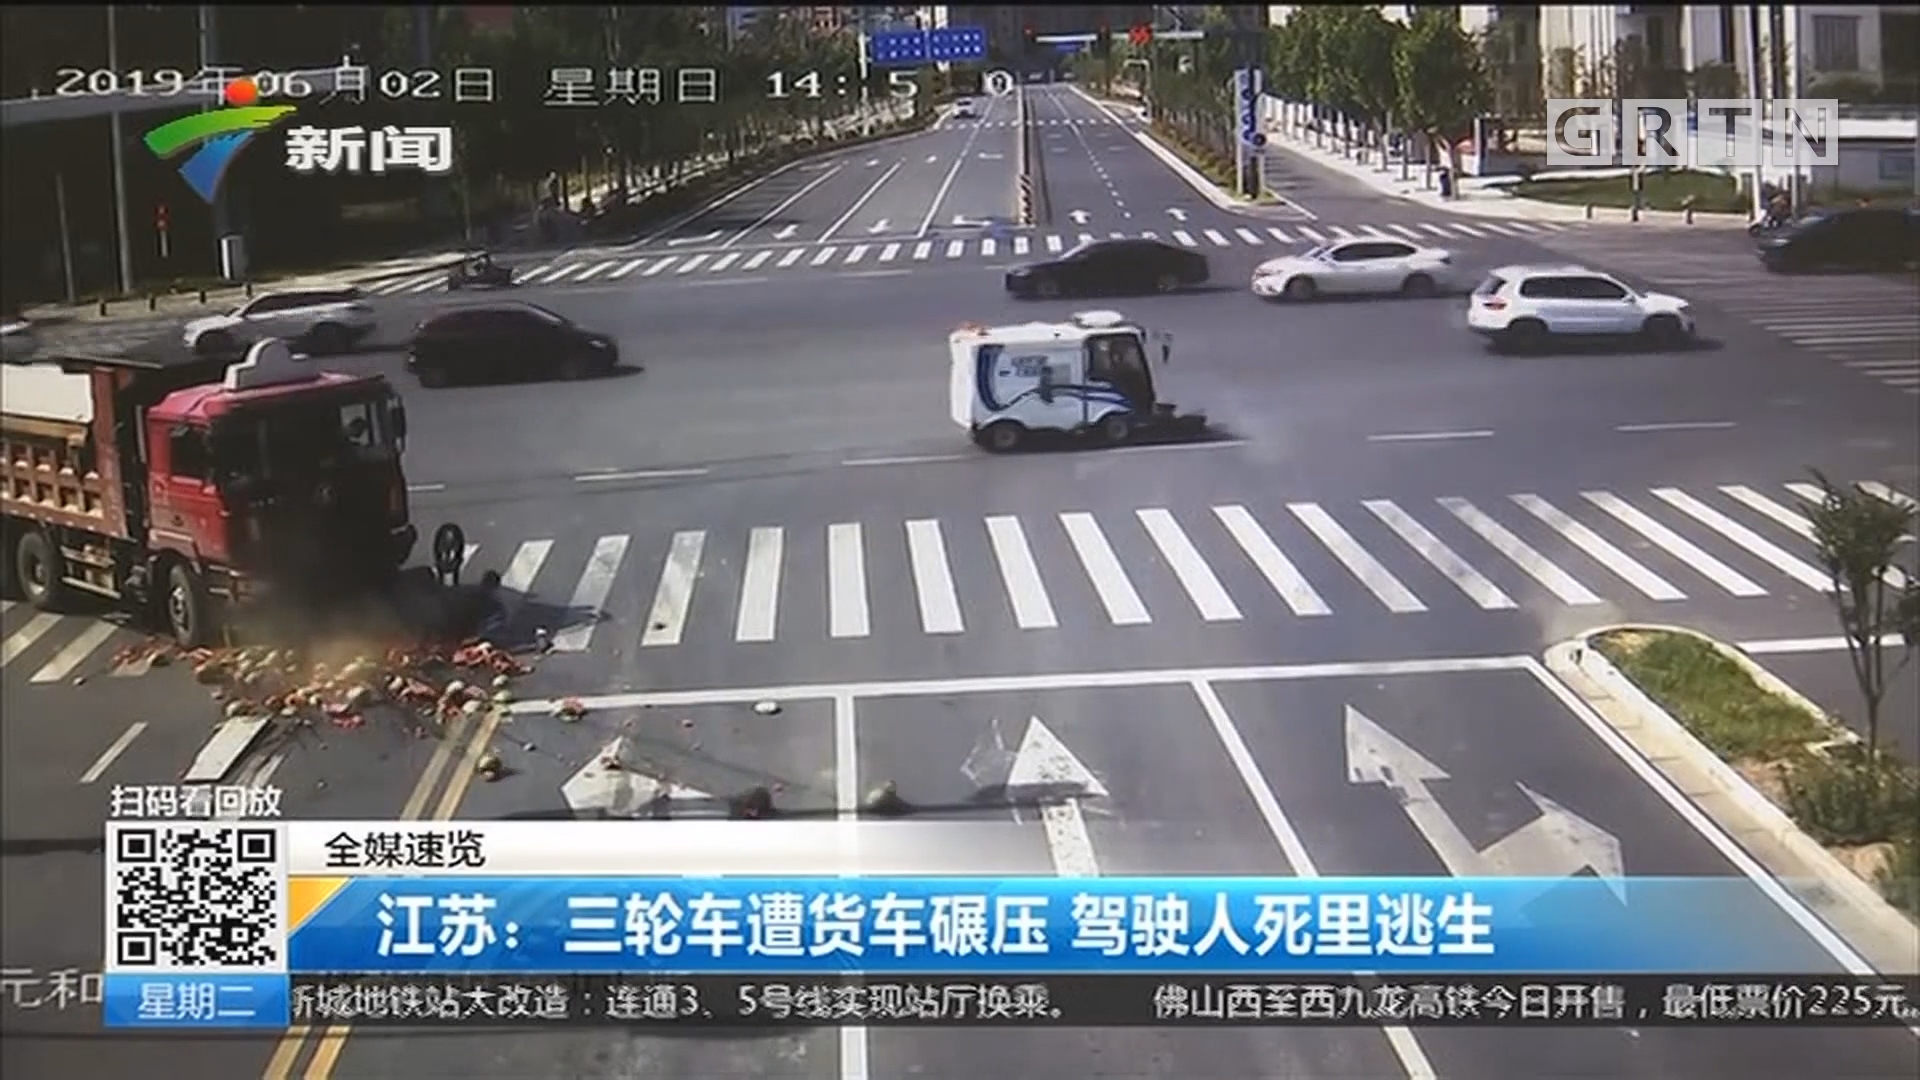 江苏:三轮车遭货车碾压 驾驶人死里逃生